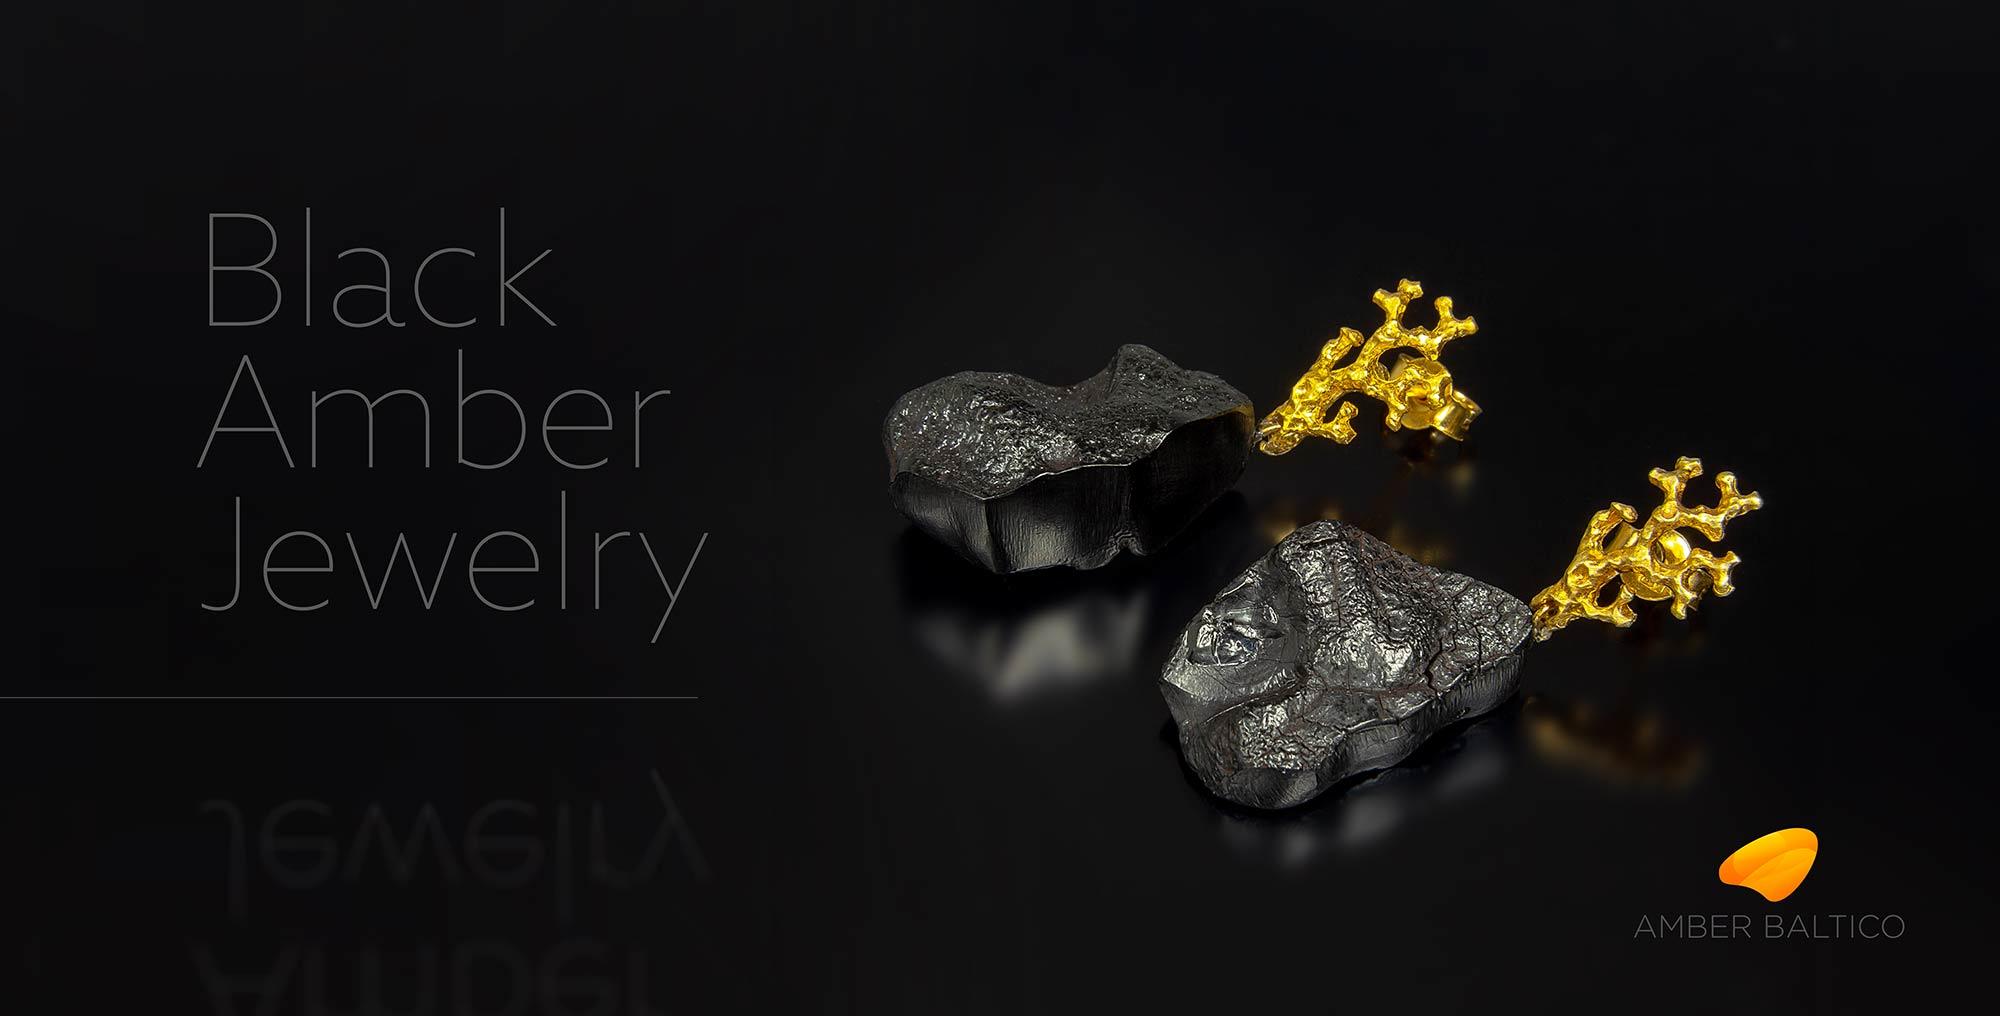 Black amber earrings, Black Amber Jewelry